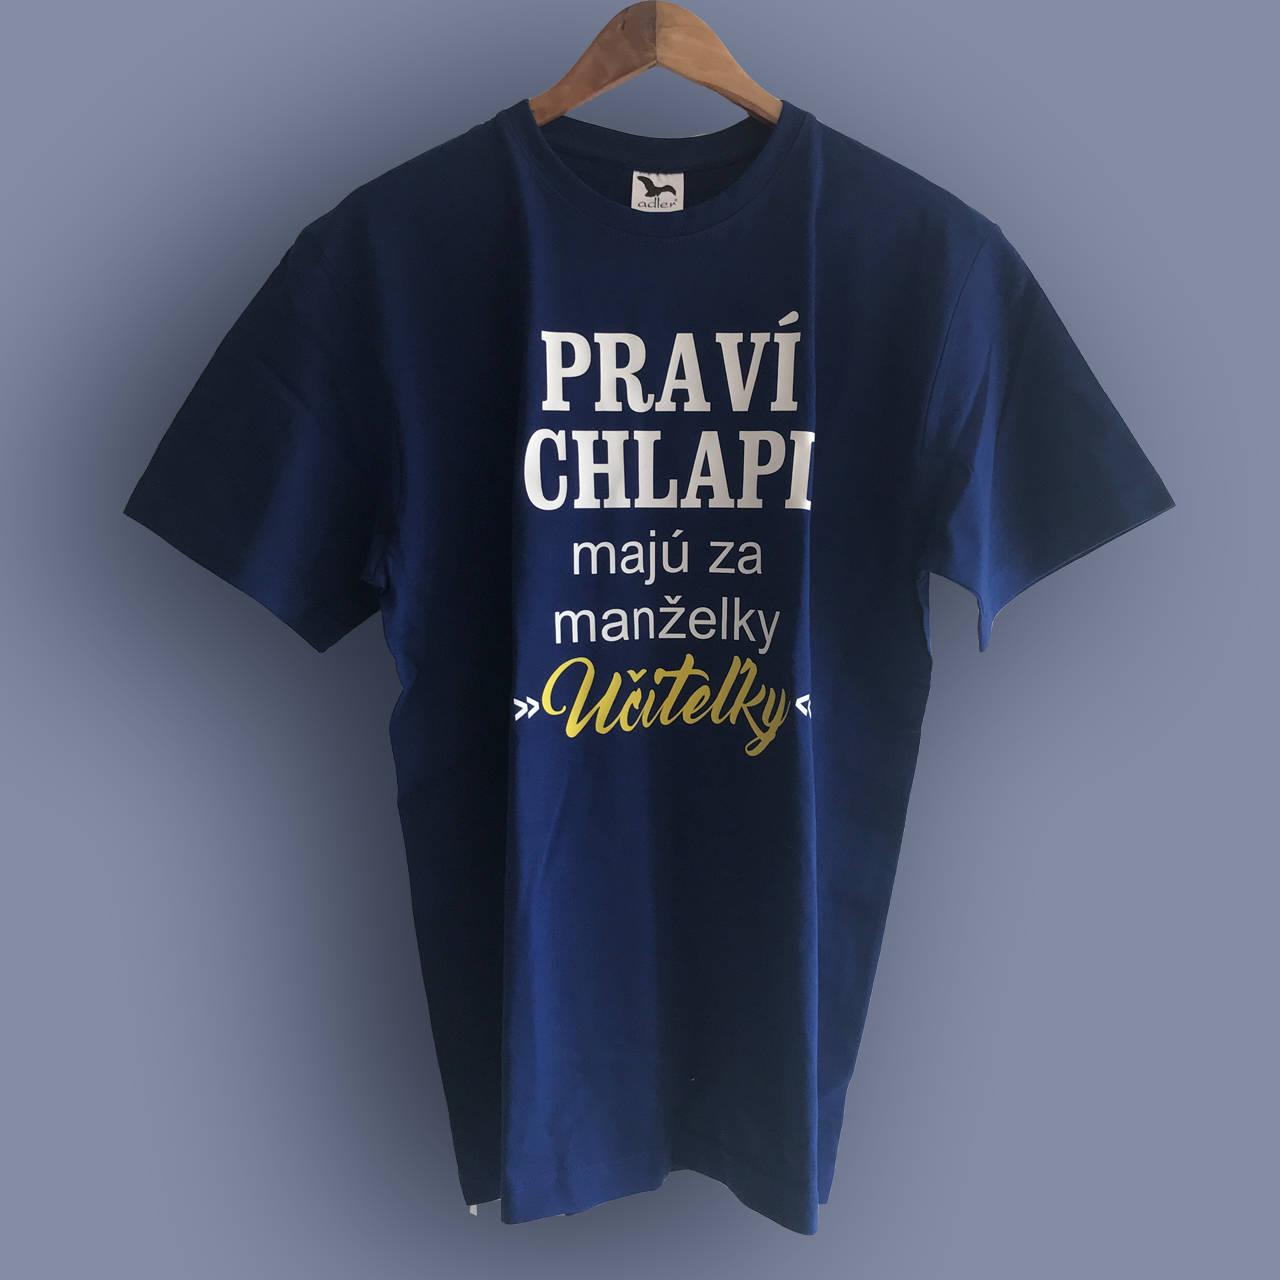 09d4fb3bf5ae Praví chlapi majú za manželky učiteľky - pánske tričko (XL ...